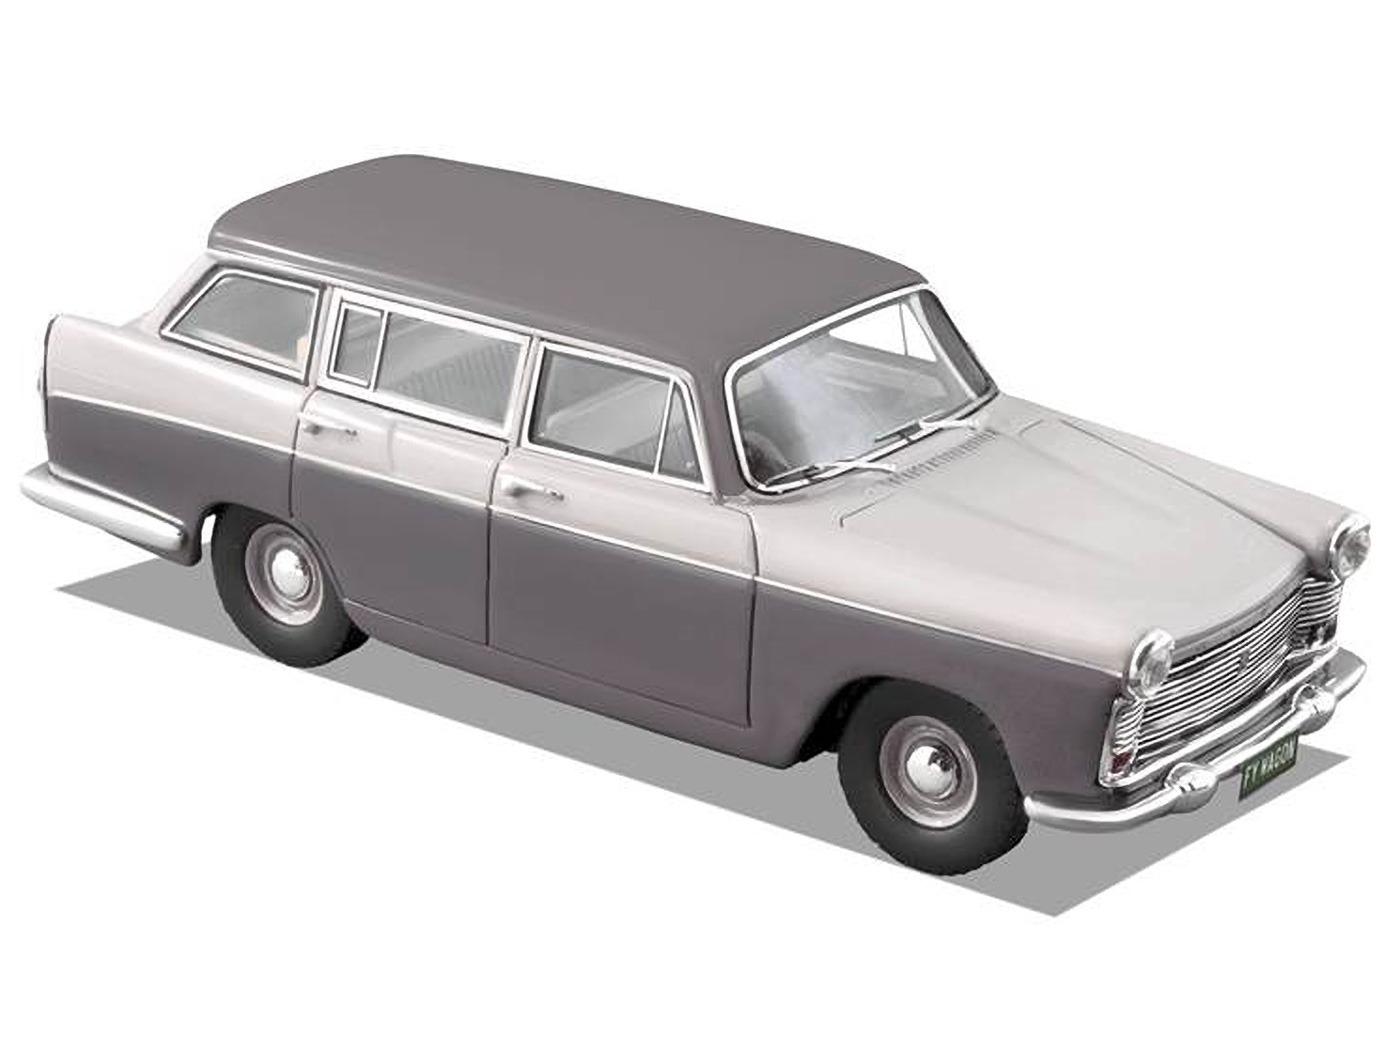 1962 Austin Freeway Wagon – Ash Grey / Rose Taupe